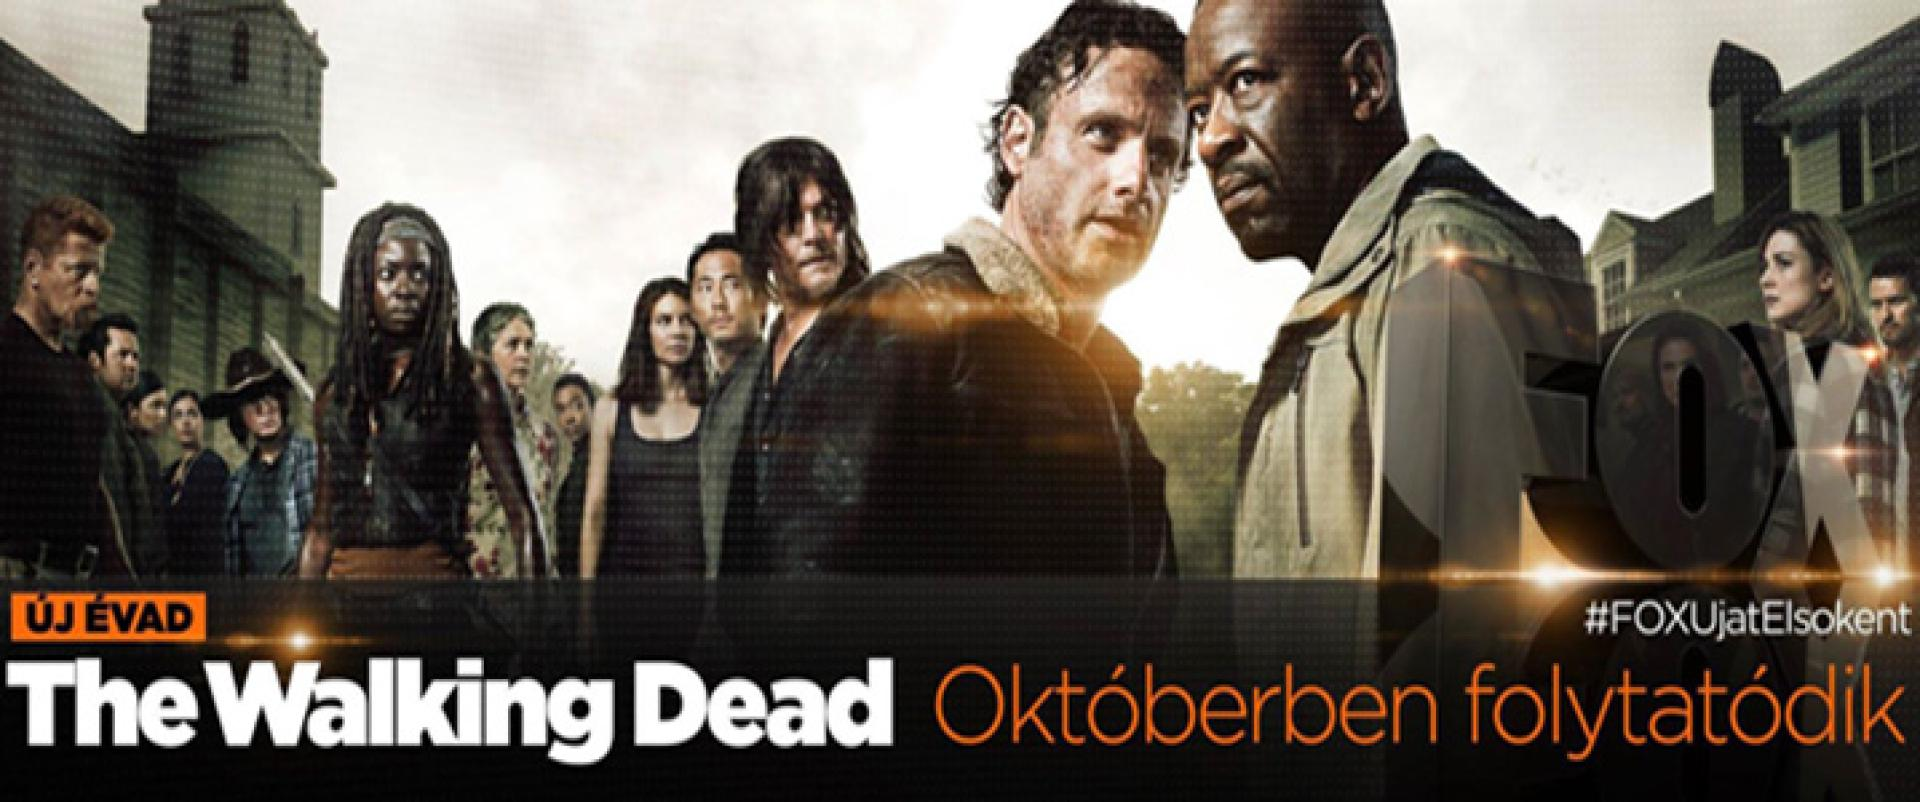 The Walking Dead, 6. évad: két videó